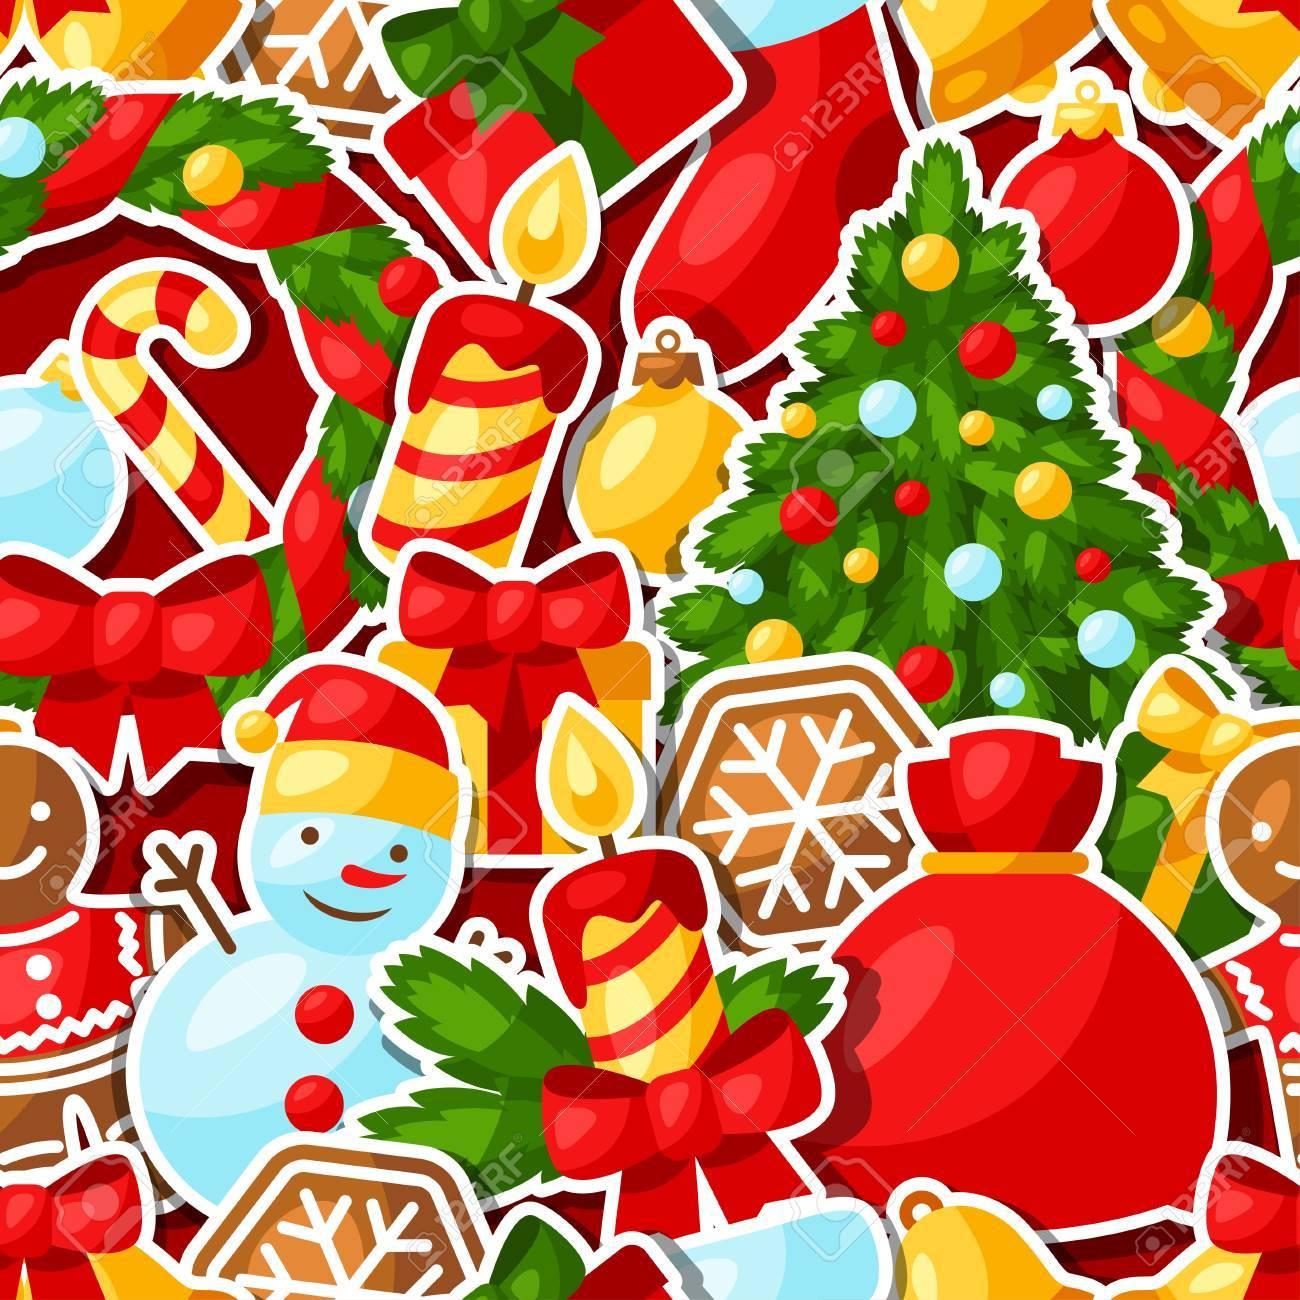 Adesivi Buon Natale.Buon Natale E Felice Anno Nuovo Adesivo Modello Senza Soluzione Di Continuita